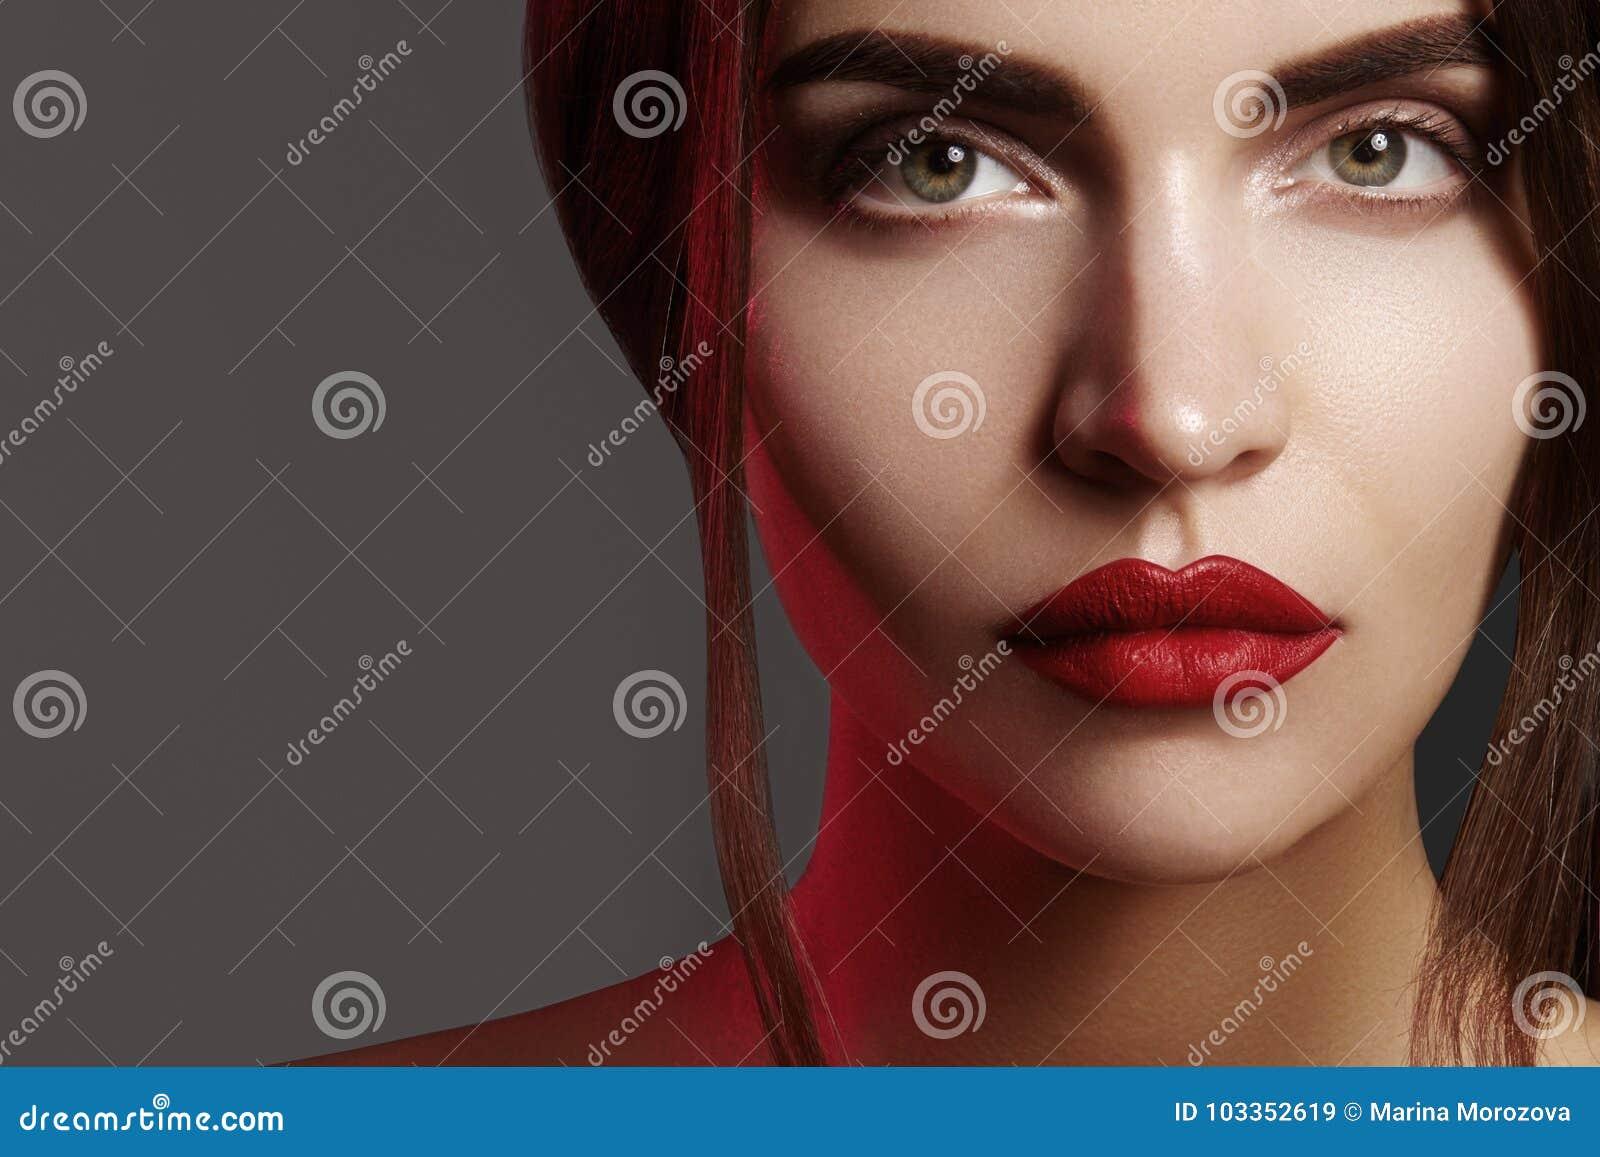 Portrait de plan rapproché avec du beau visage de femme Couleur rouge de maquillage de lèvre de mode, de peau brillante propre et